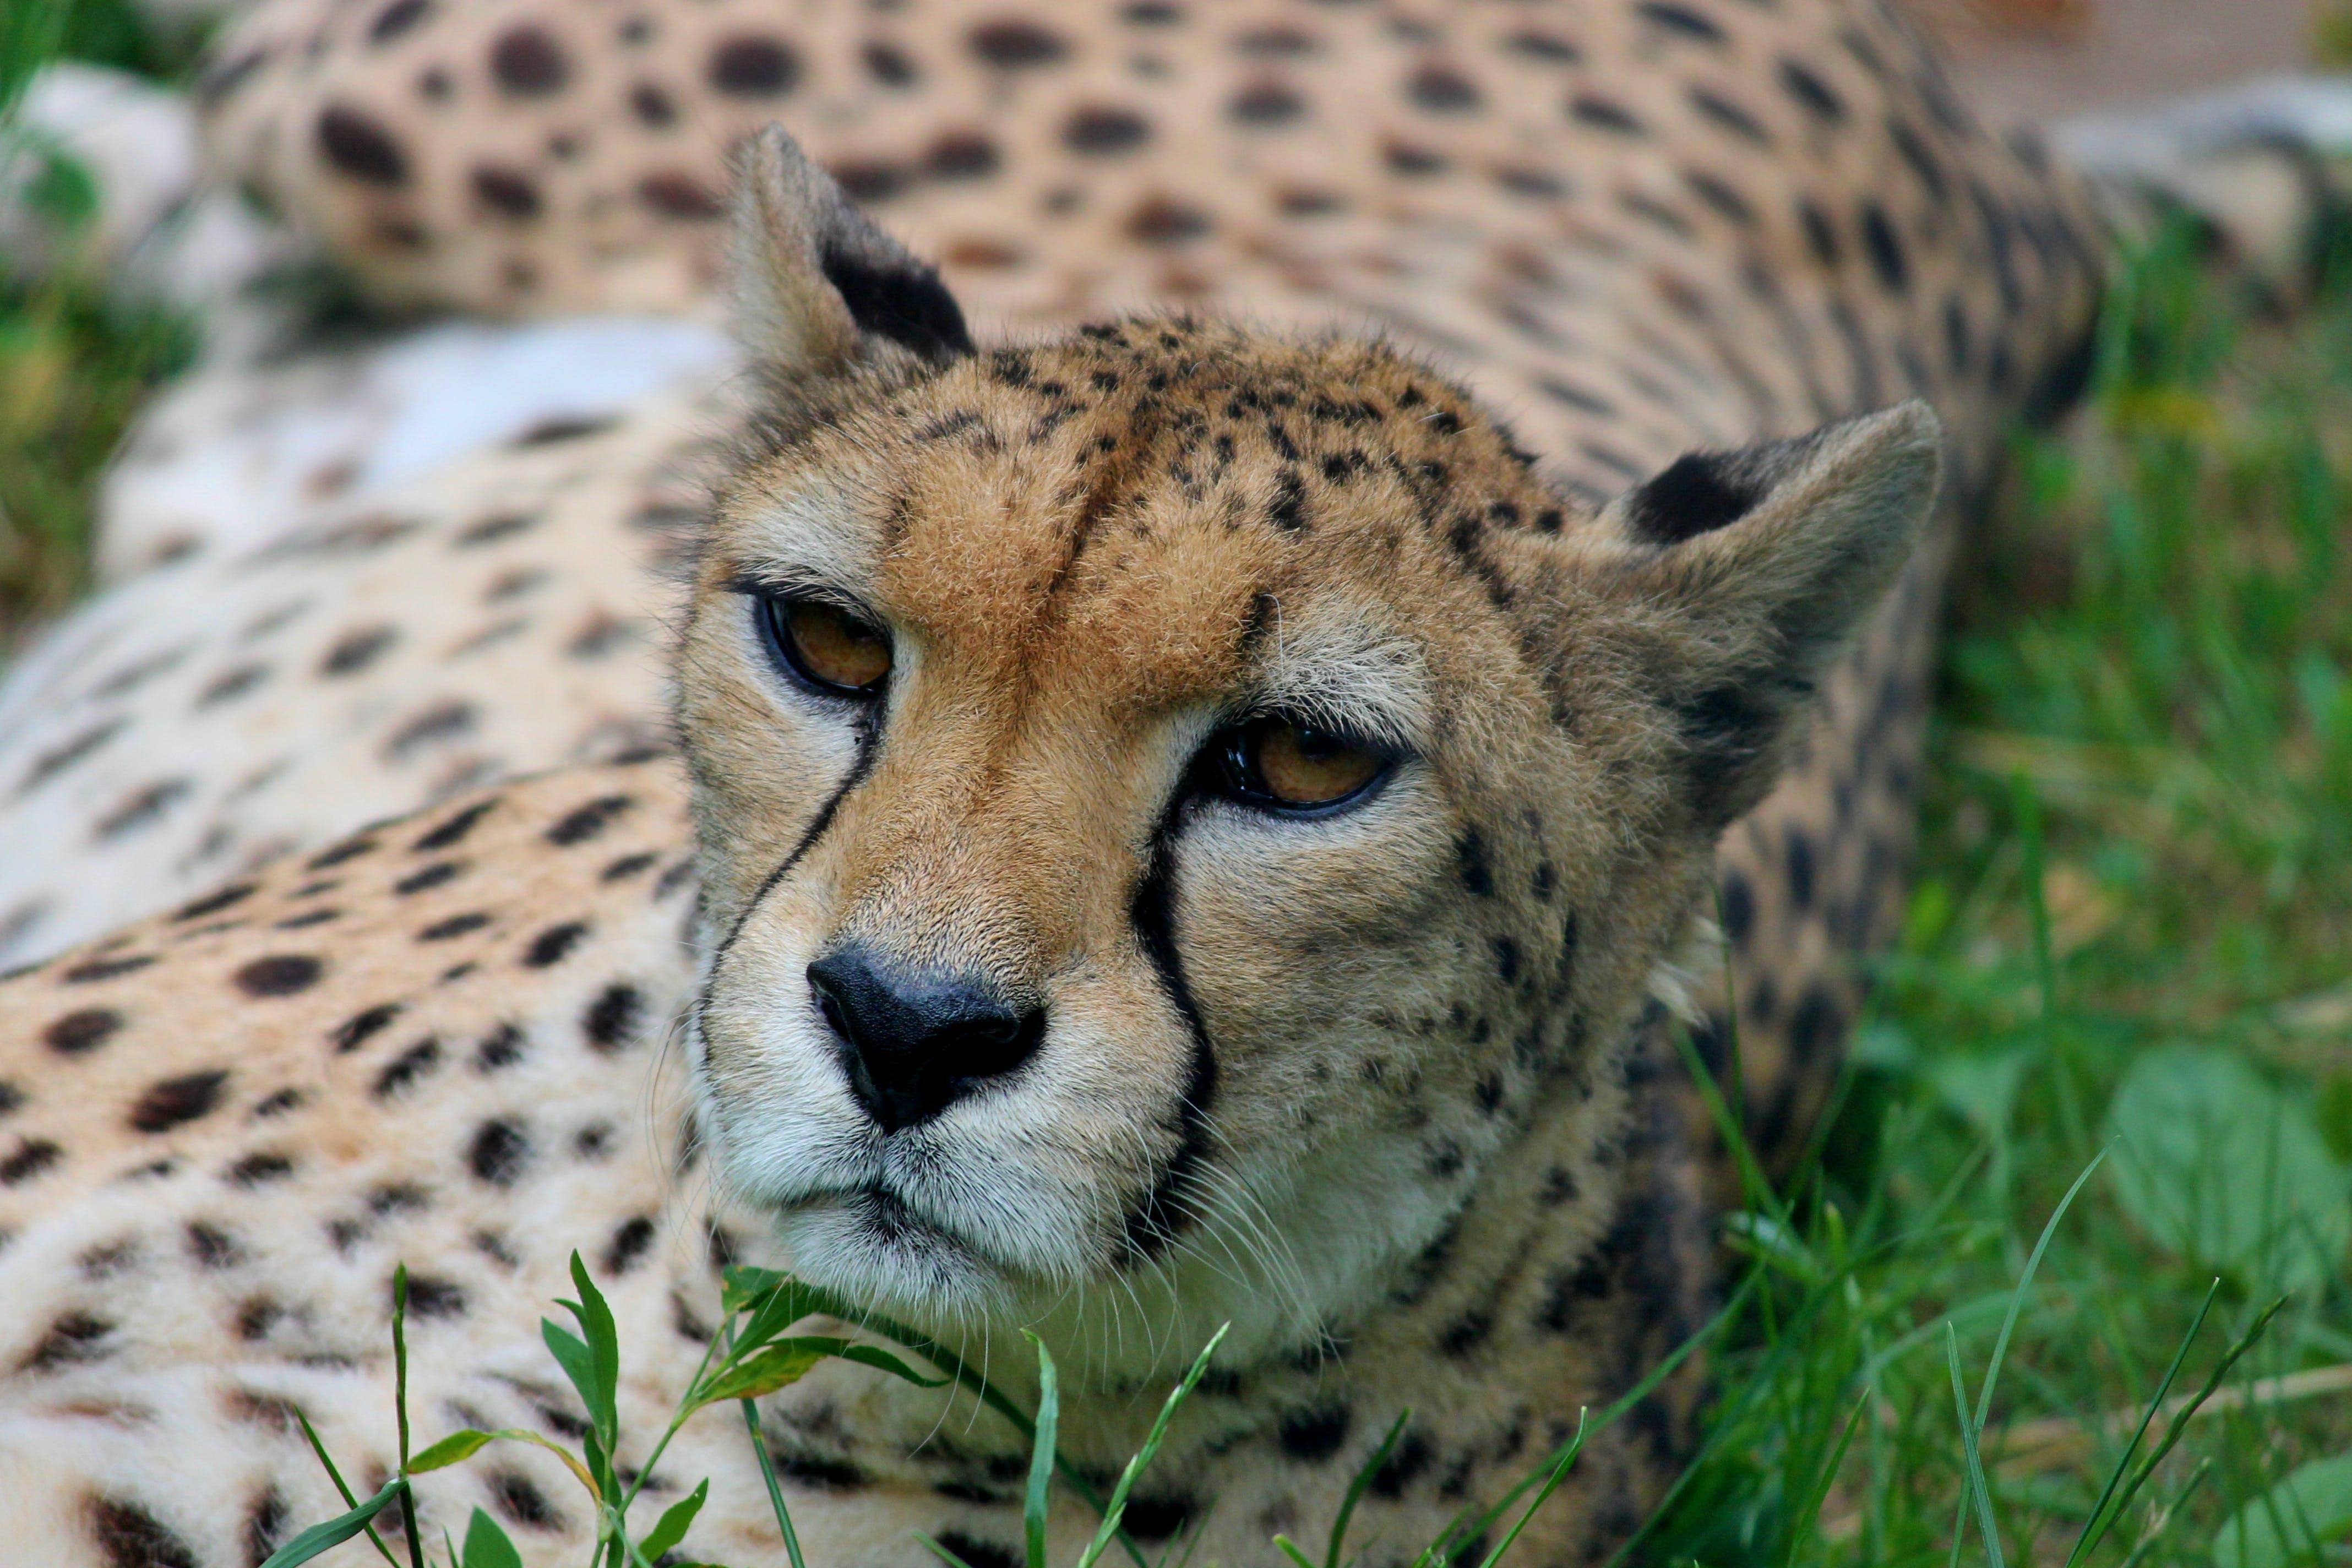 Cheetah in Green Grass Field